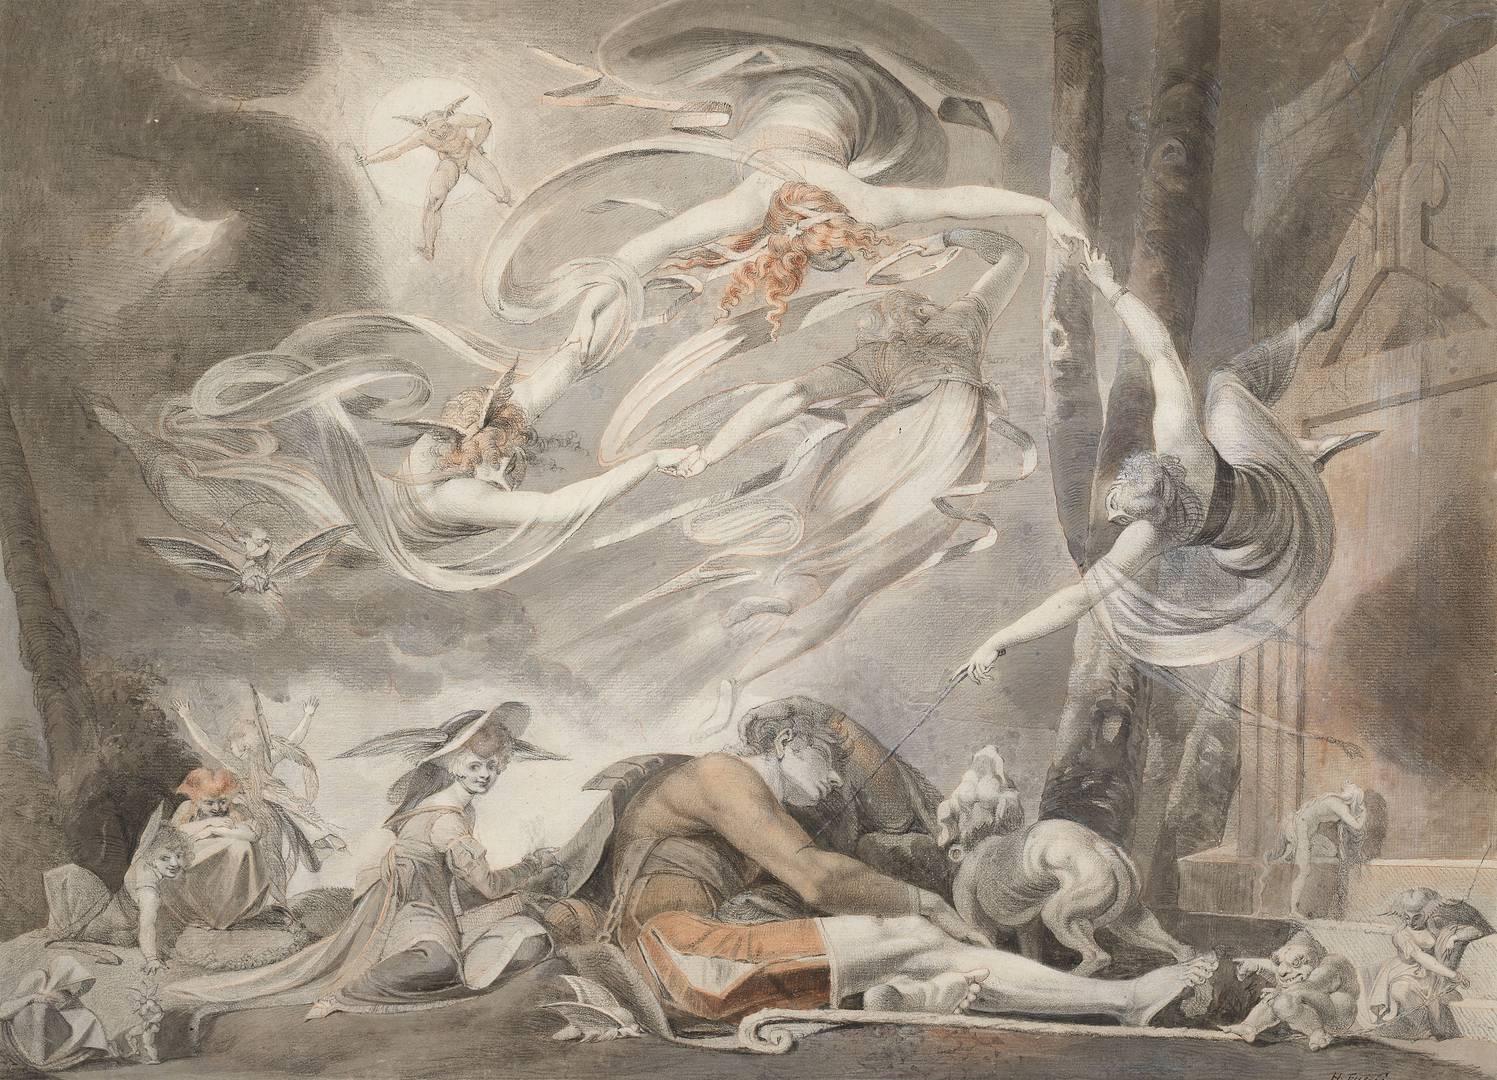 Иоганн Генрих Фюссли. Сон пастуха. 1786